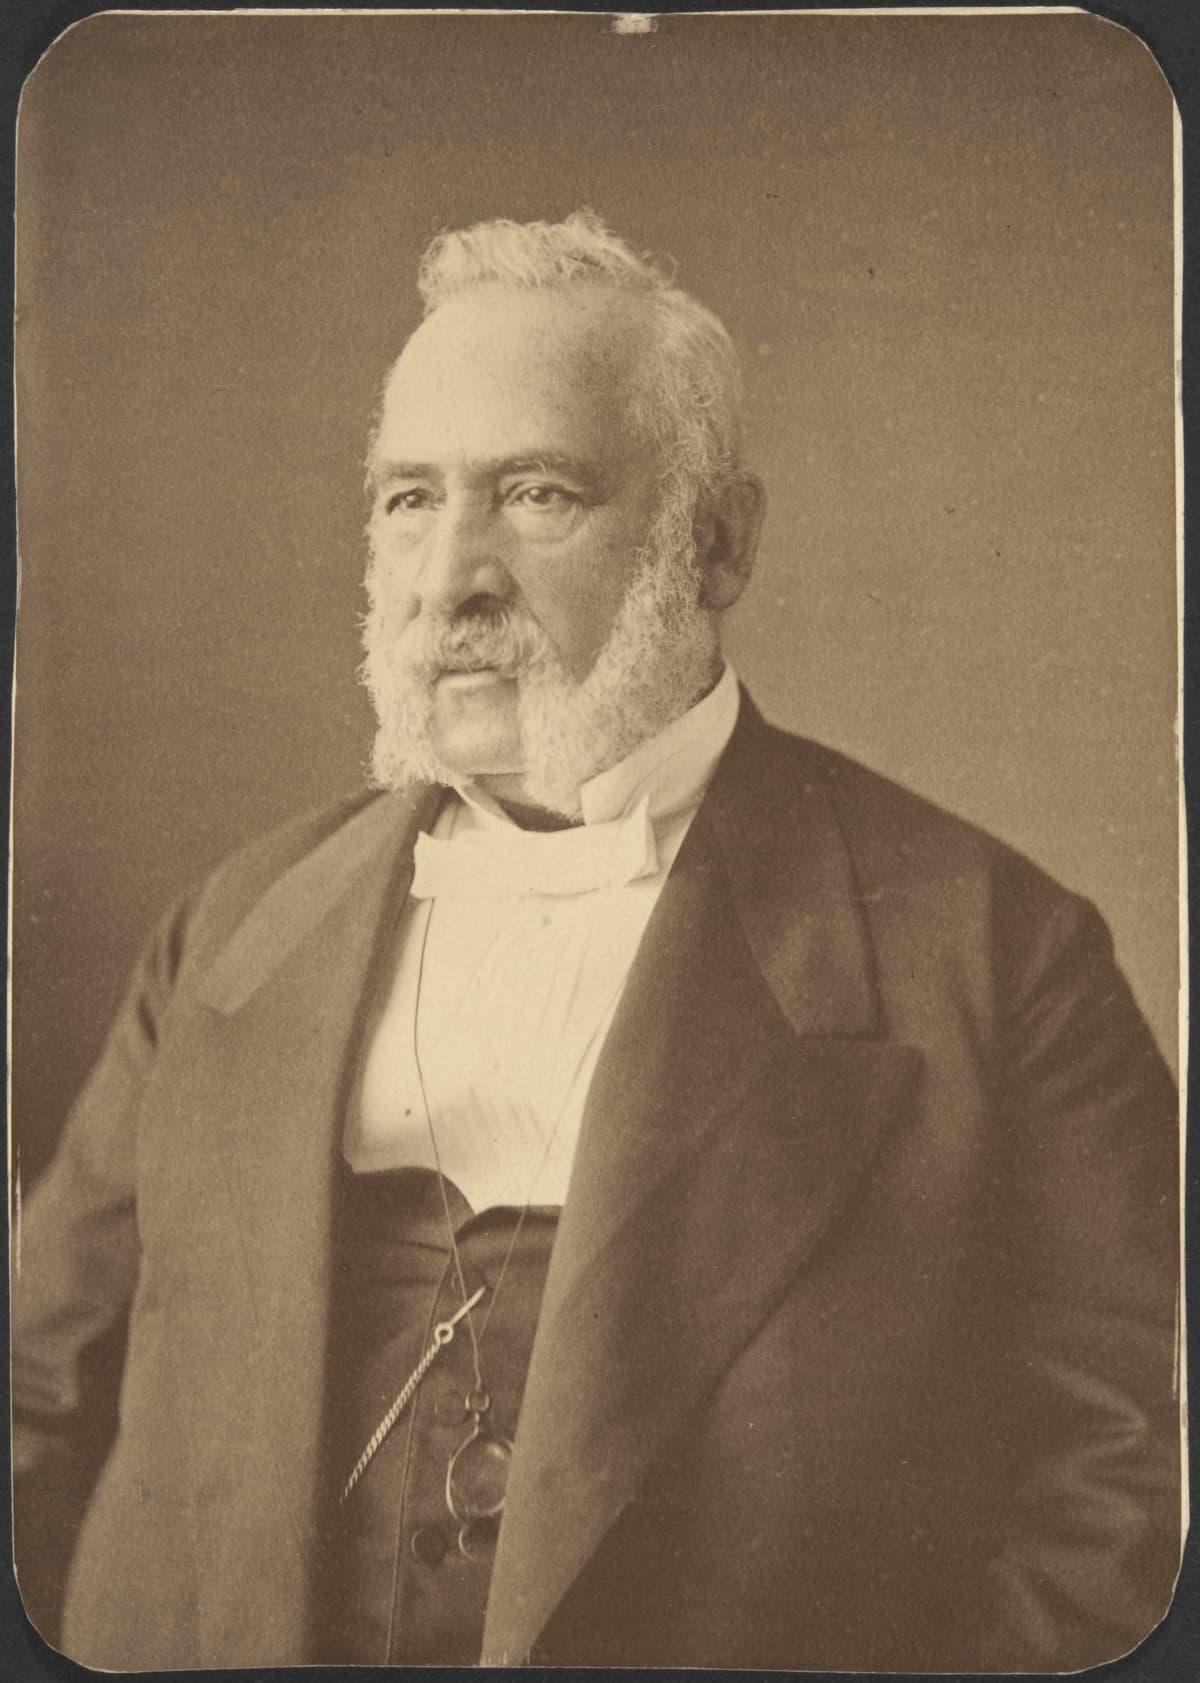 Patruuna, suomalaisen kutomoteollisuuden kehittäjä Axel Wilhem Wahren 1870-luvun puolivälissä.